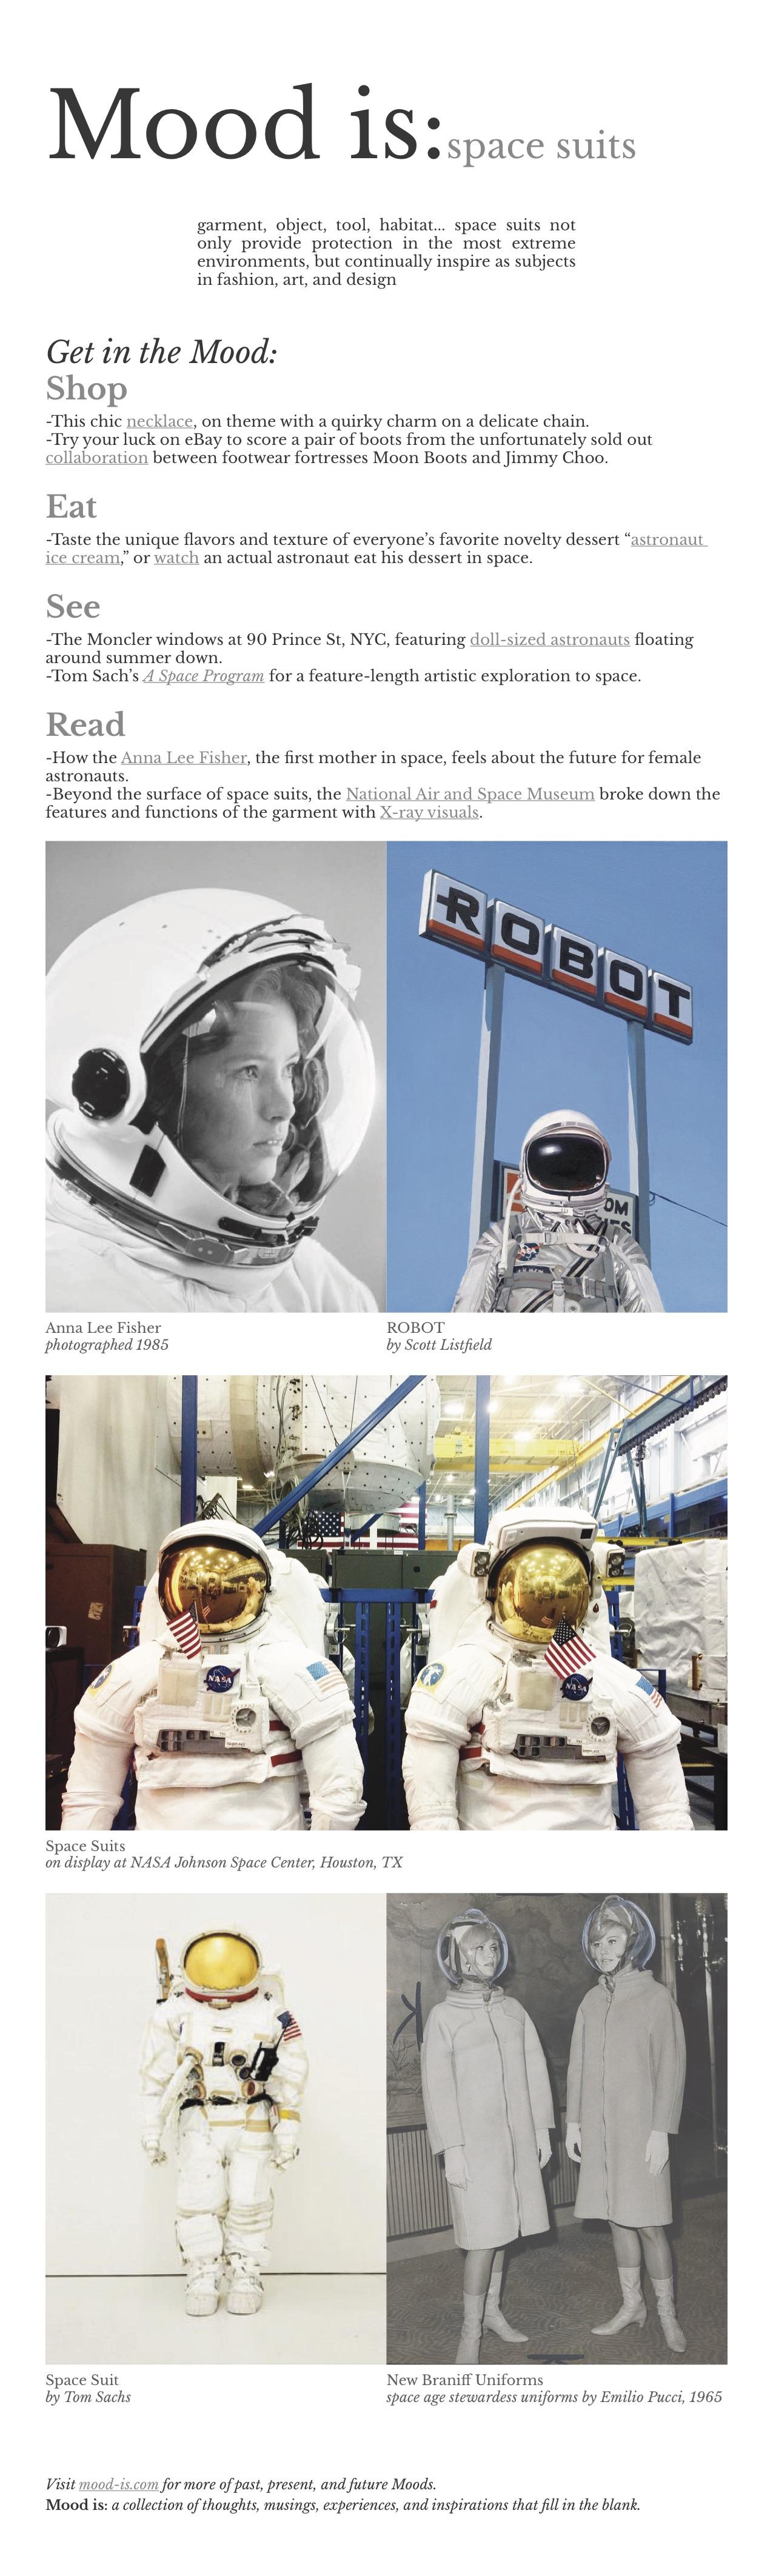 mood is_space suits.jpg